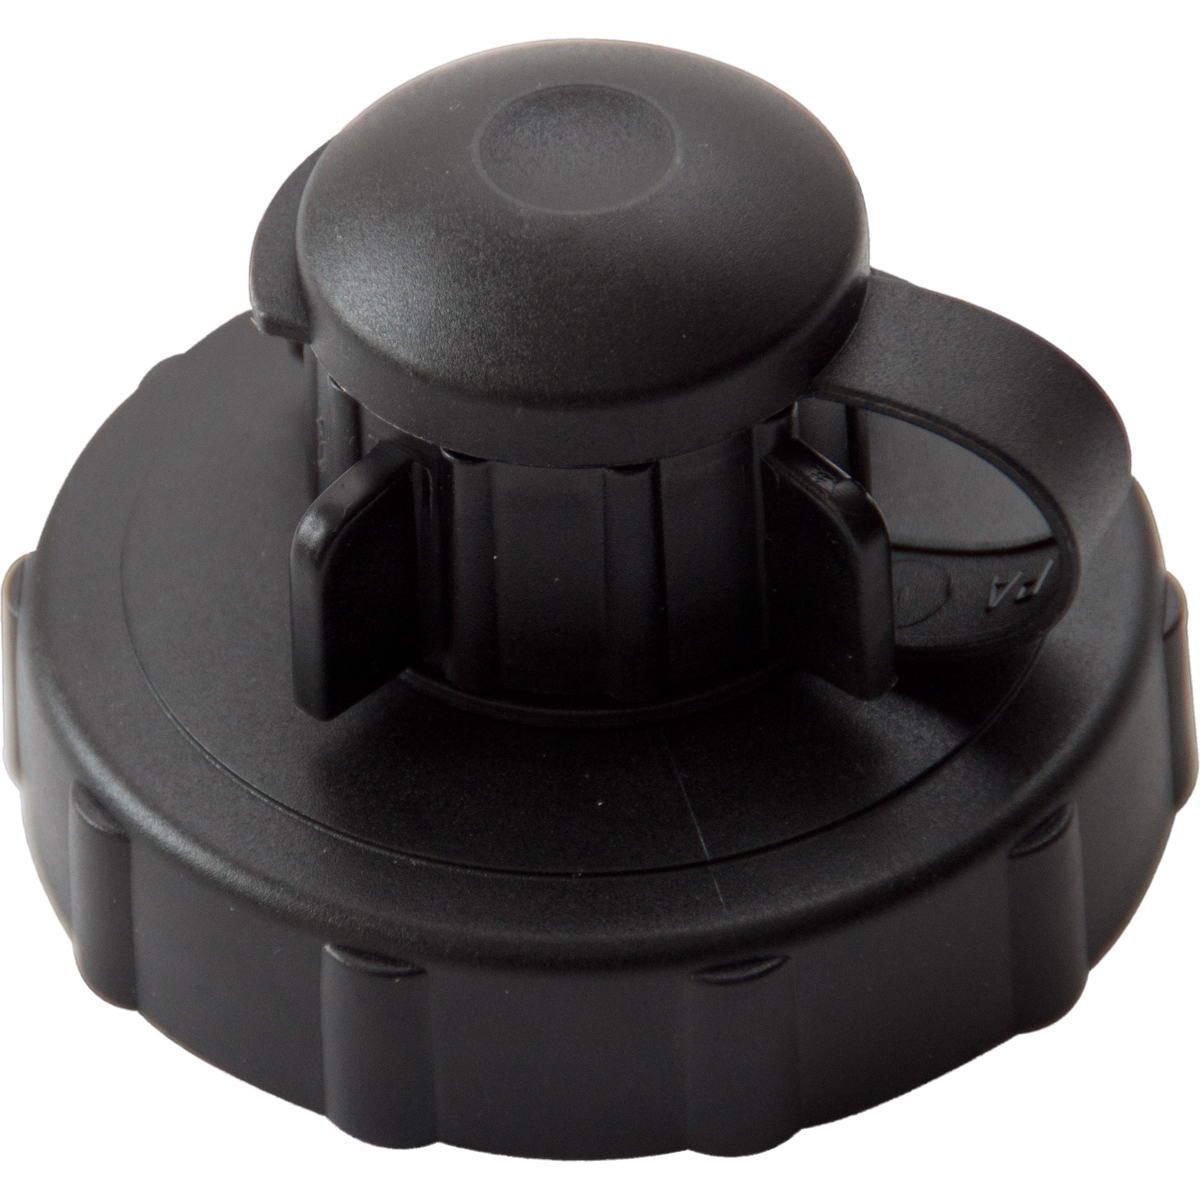 Ortlieb Dosierventil für Wassersack und -katze - Bild 1